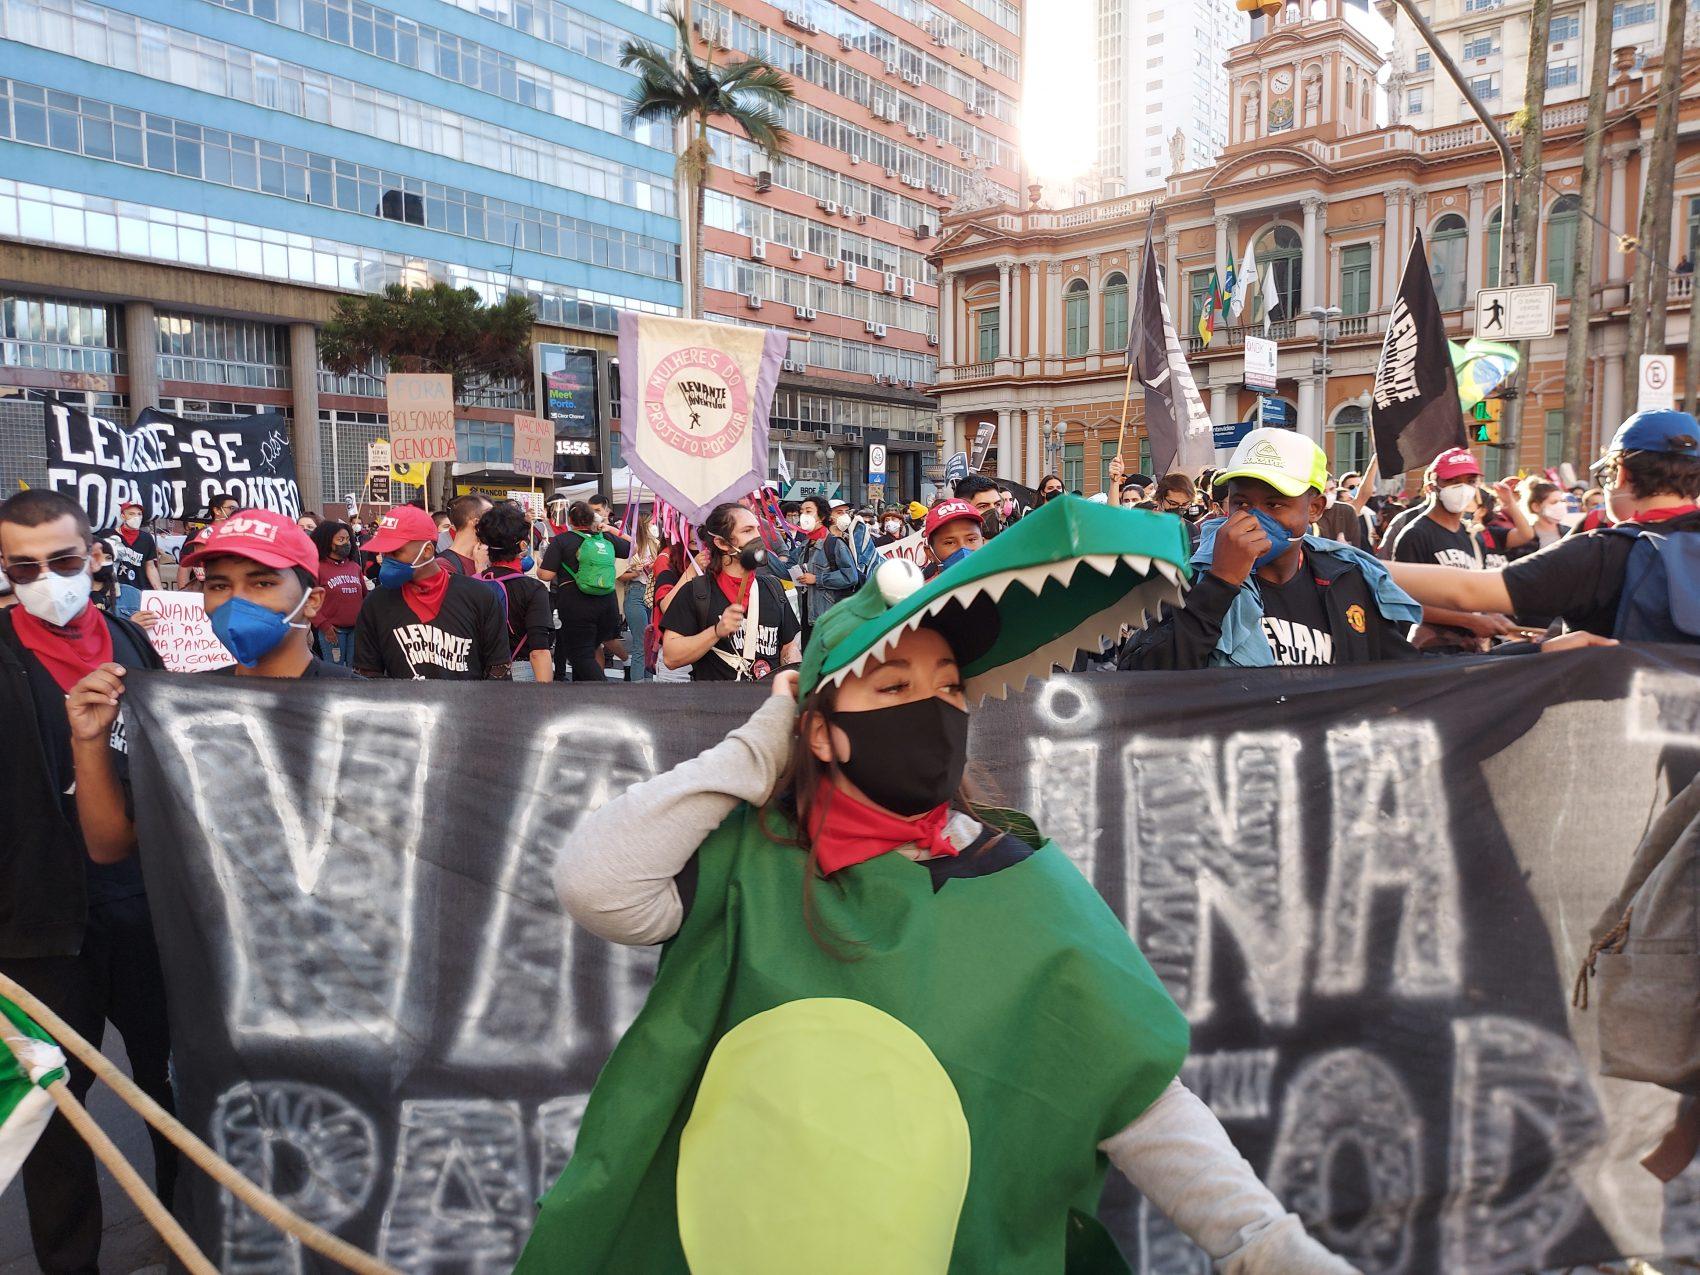 Protestos nos dias 18 e 19 têm em comum o contraponto ao governo Bolsonaro, assim como ocorreu no dia 29 de maio